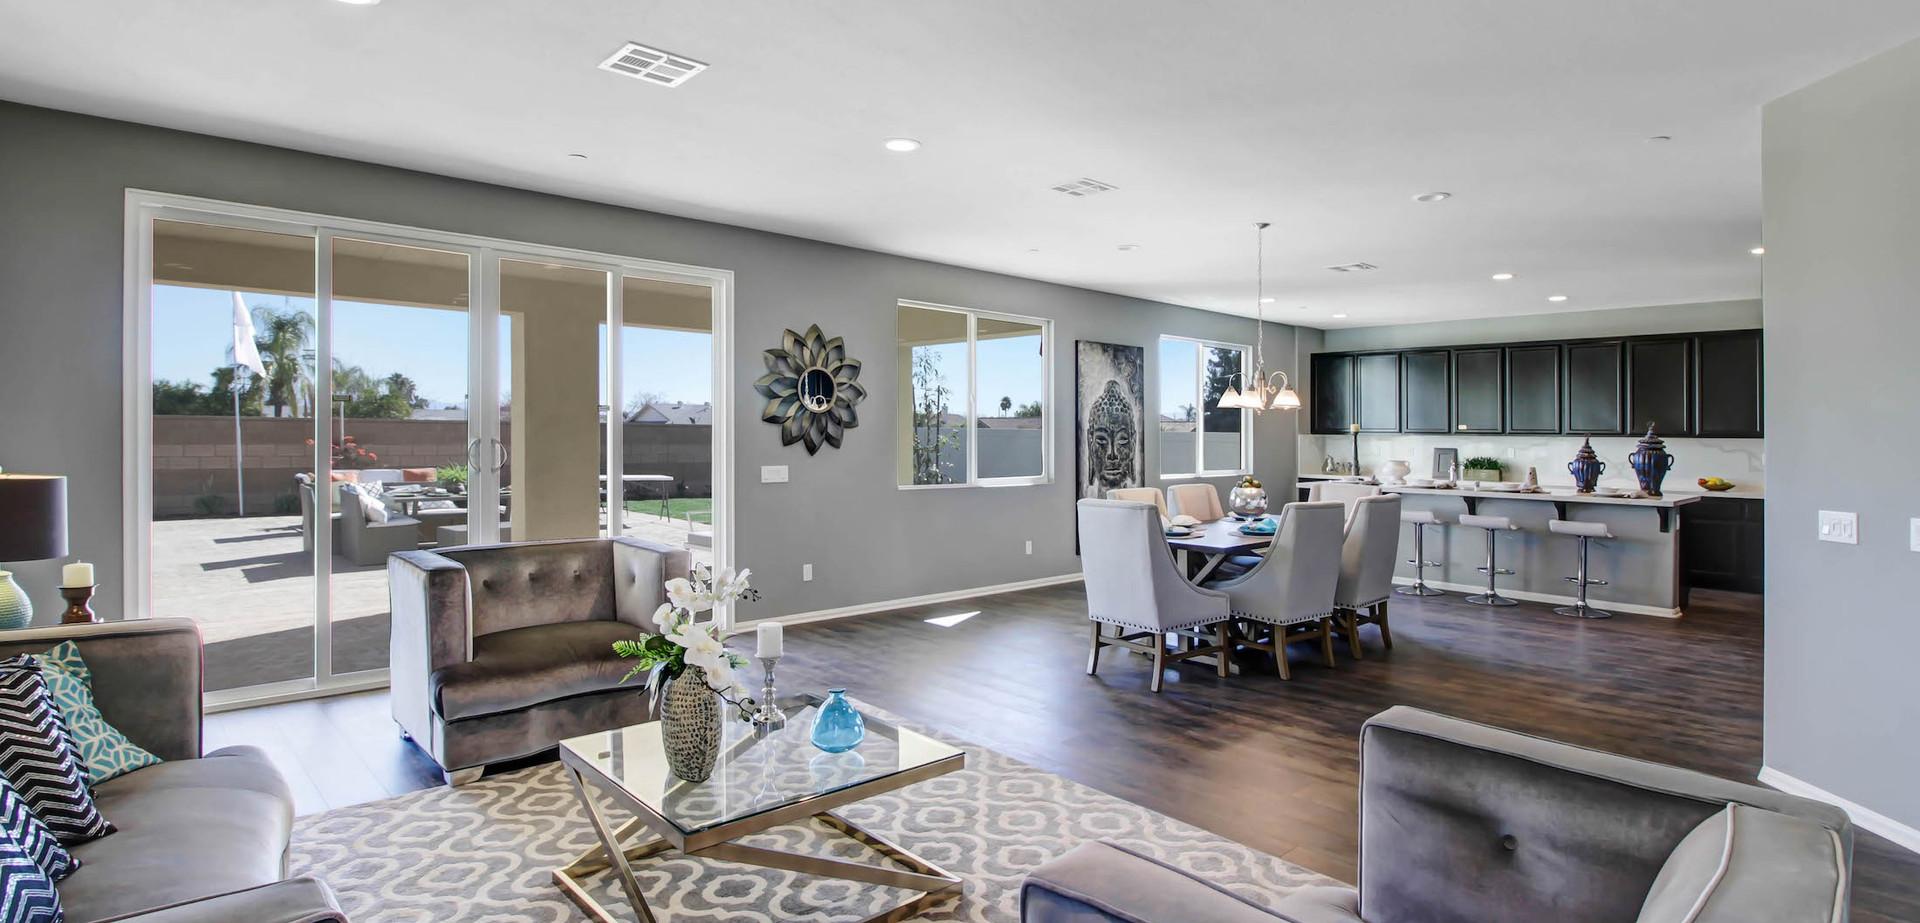 model-1 livingroom-3 2200x1500.jpg